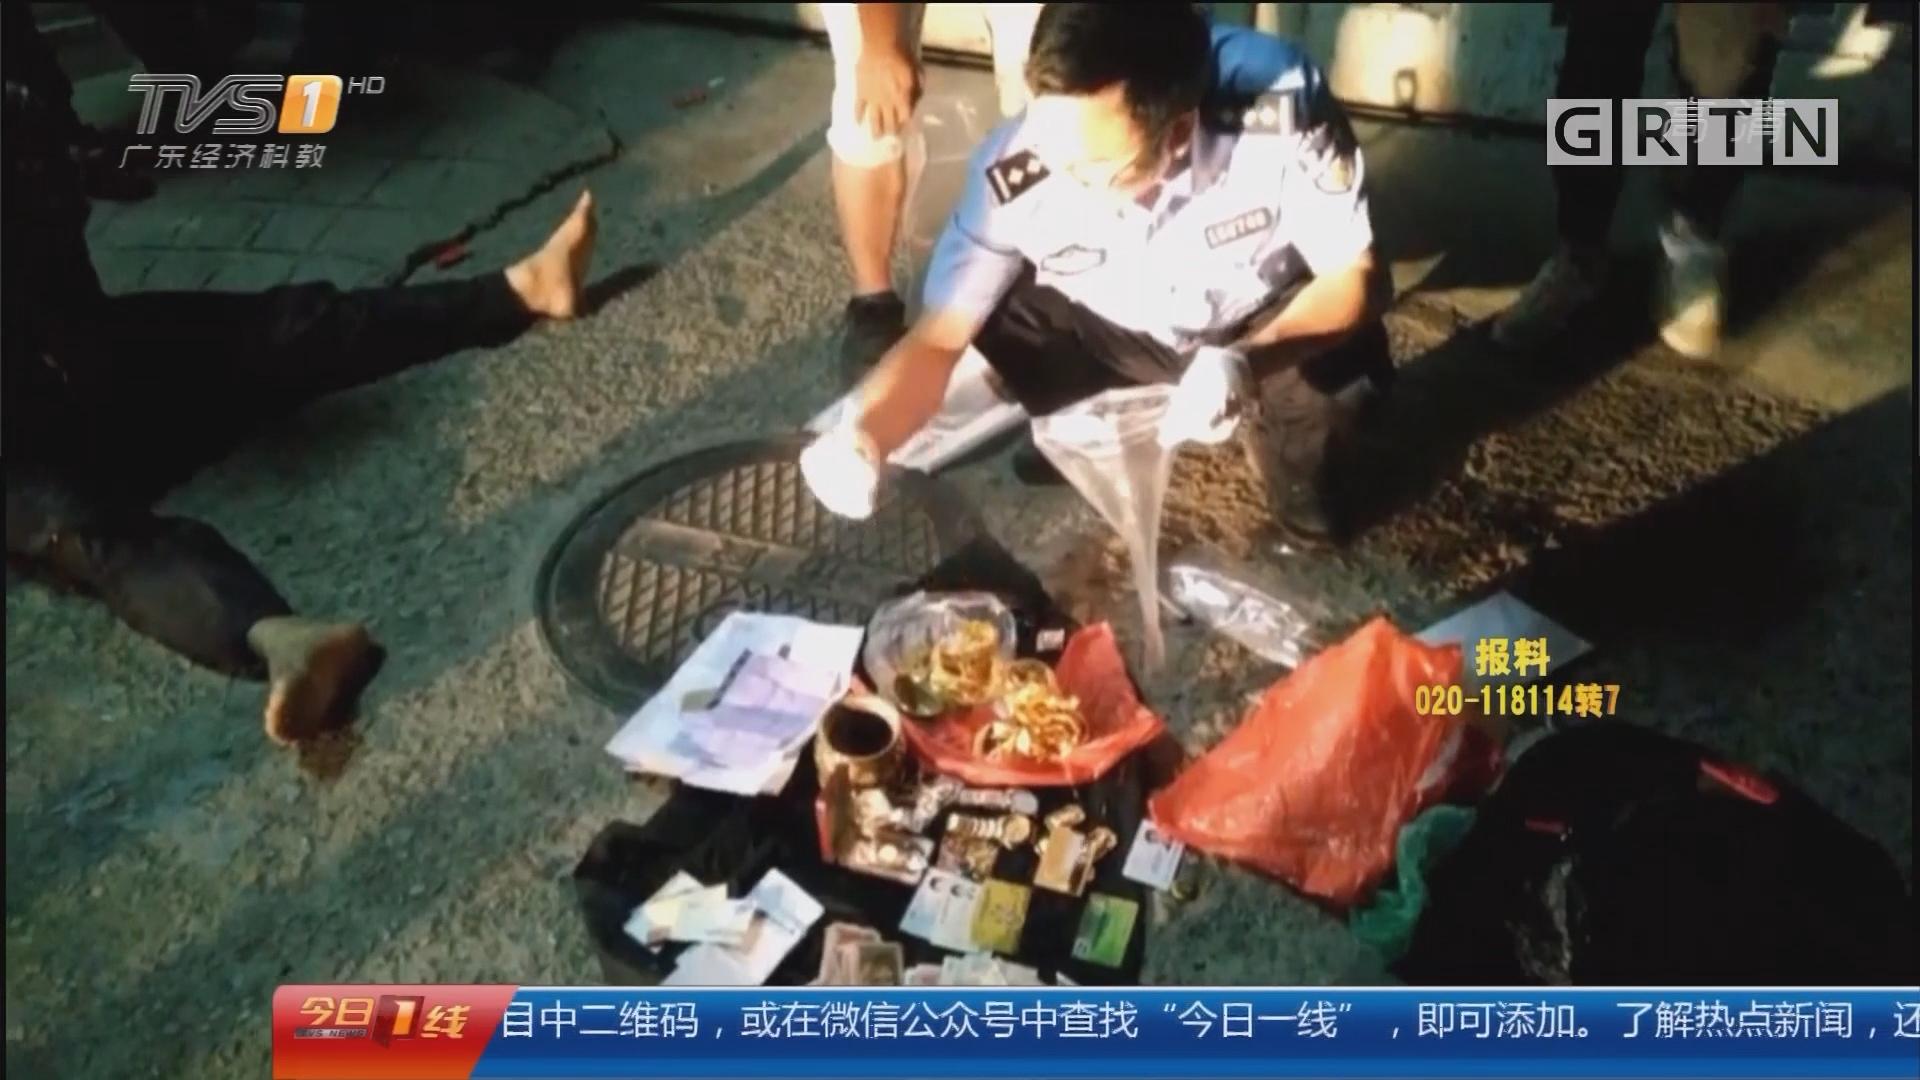 东莞塘厦:珠宝店被盗 24小时不间断伏击